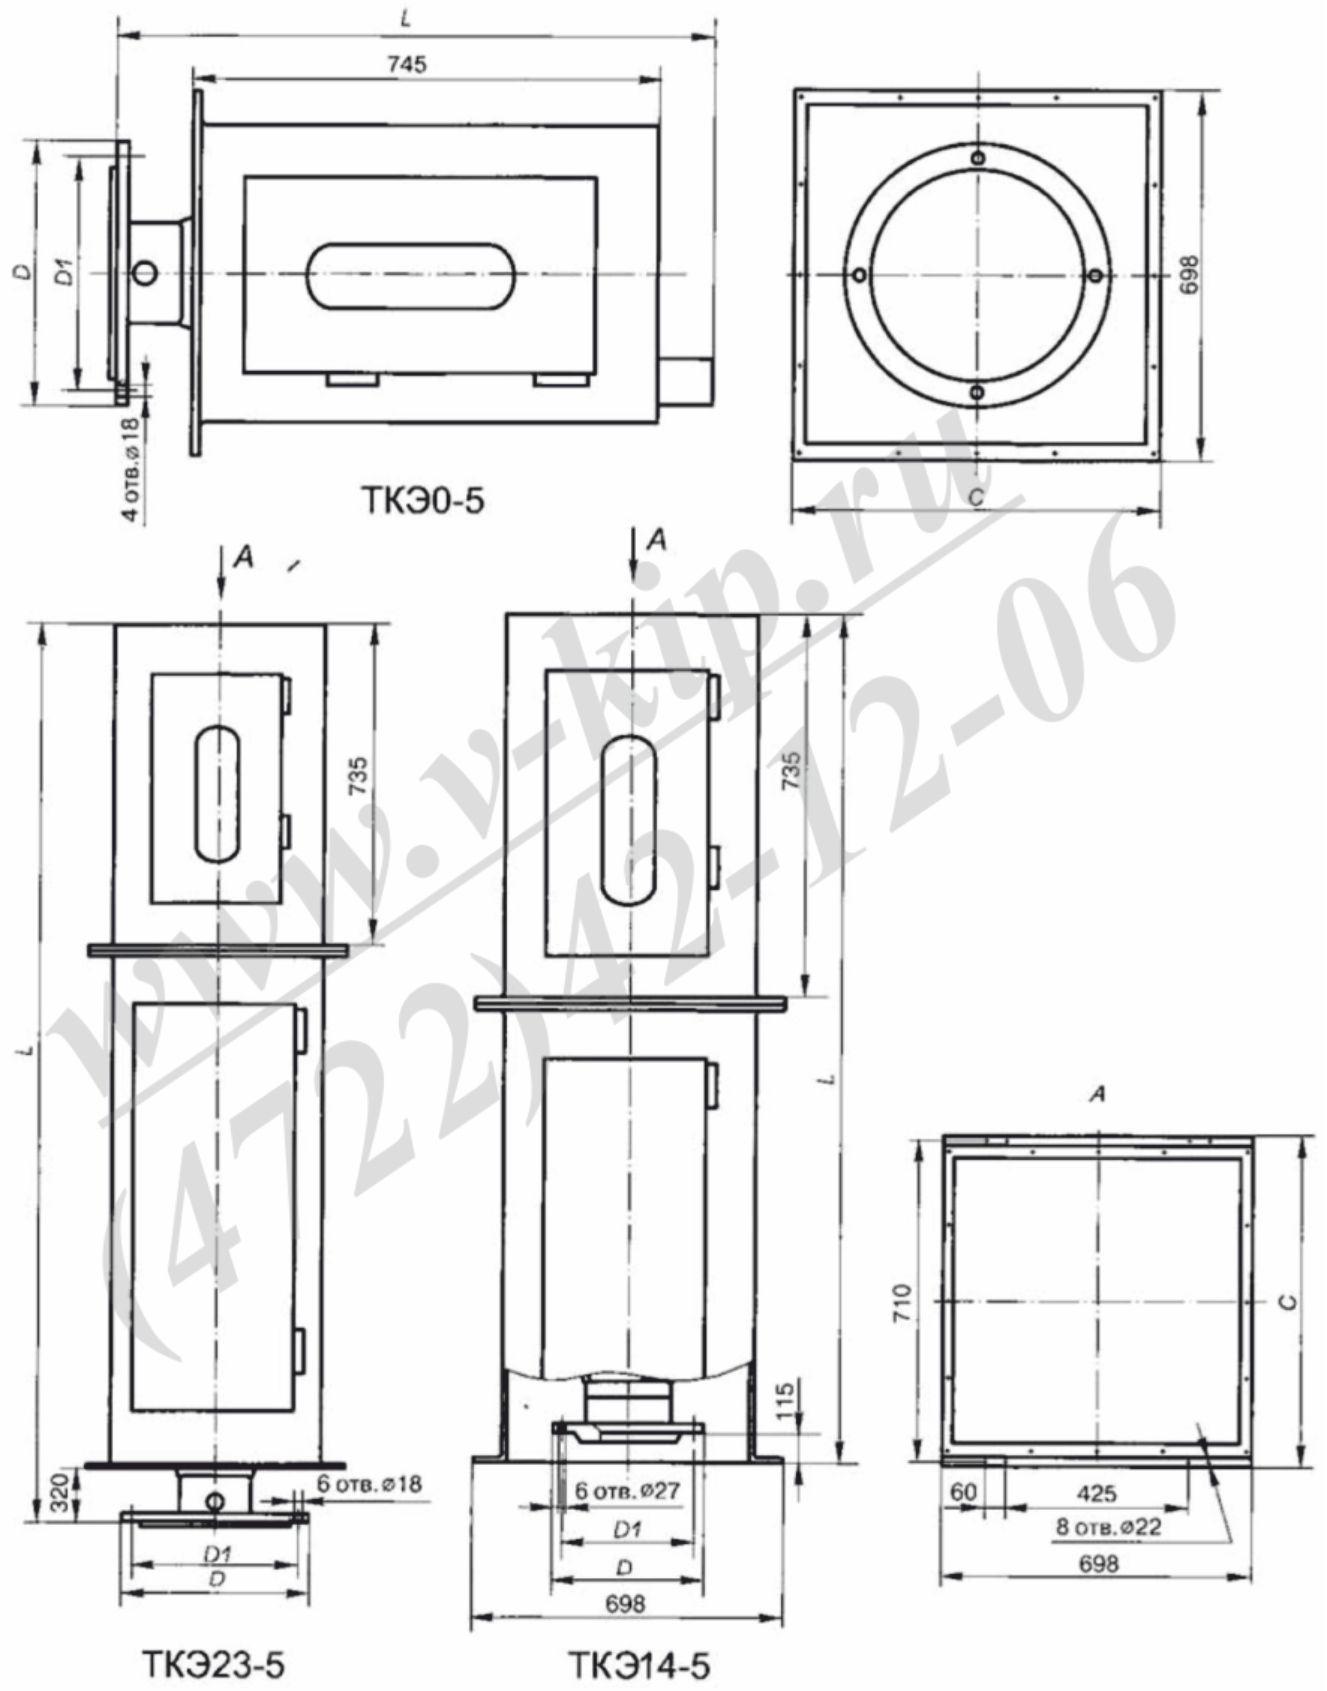 Токоприемники кольцевые экскаваторные ТКЭ0-5 УХЛ1(Т1), ТКЭ14-5УХЛ2(Т2), ТКЭ23-5 УХЛ2(Т2) габаритная схема